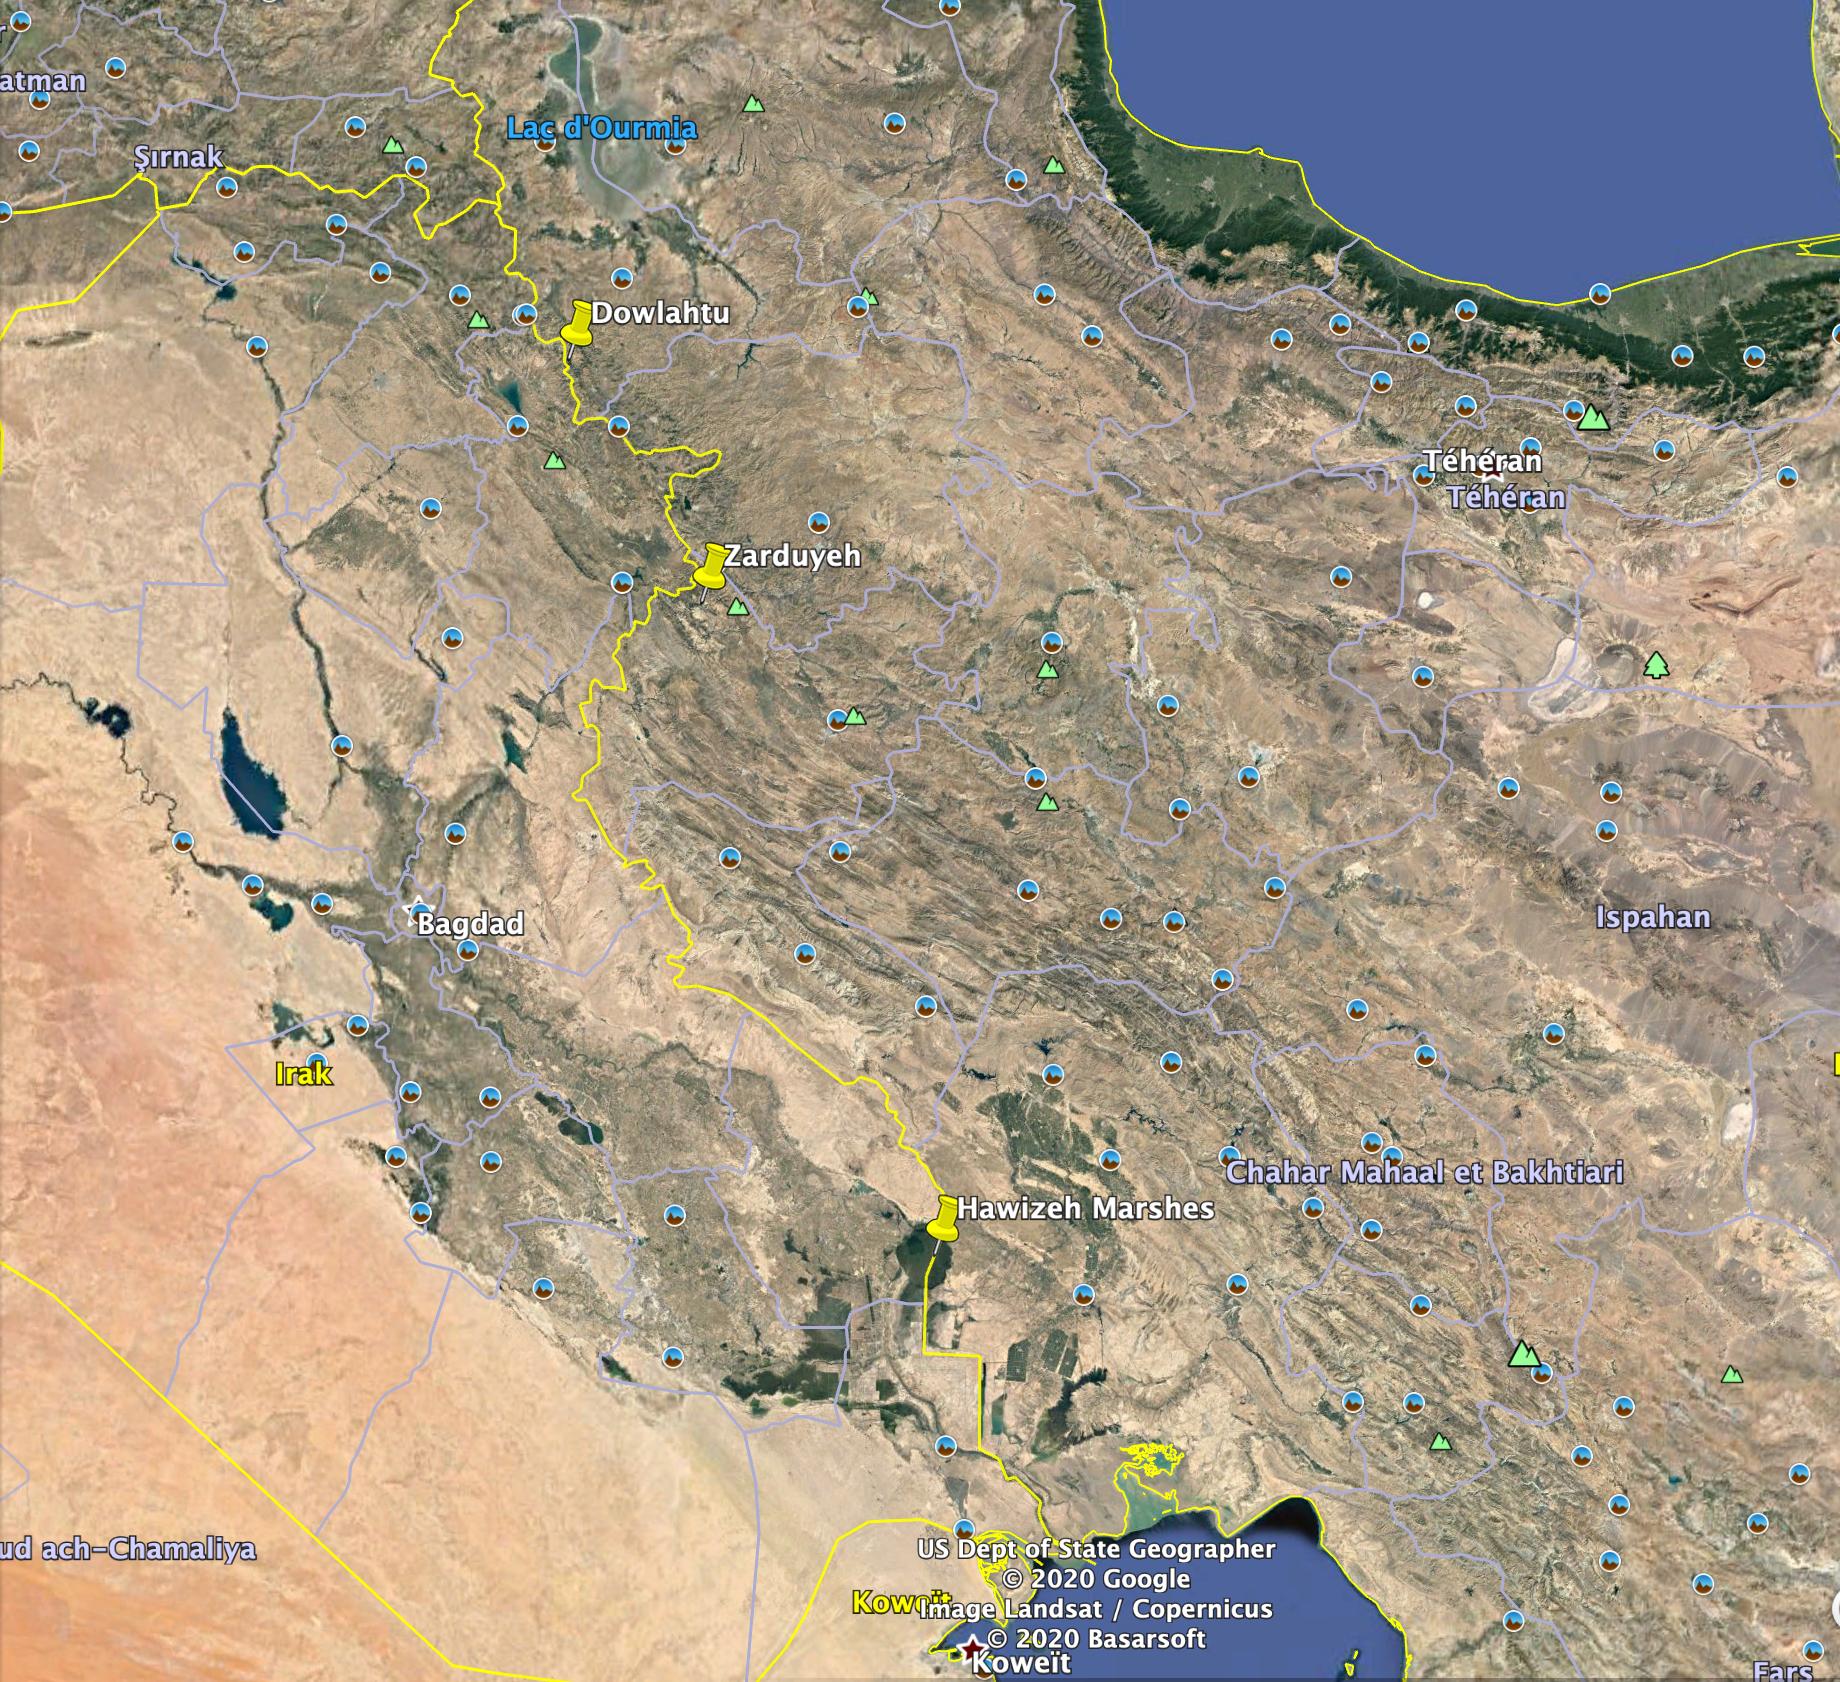 Comme on peut le voir sur cette carte, le trafic de moutons a été documentés dans plusieurs villages à la frontière entre l'Iran et l'Irak du nord-ouest au sud-oues